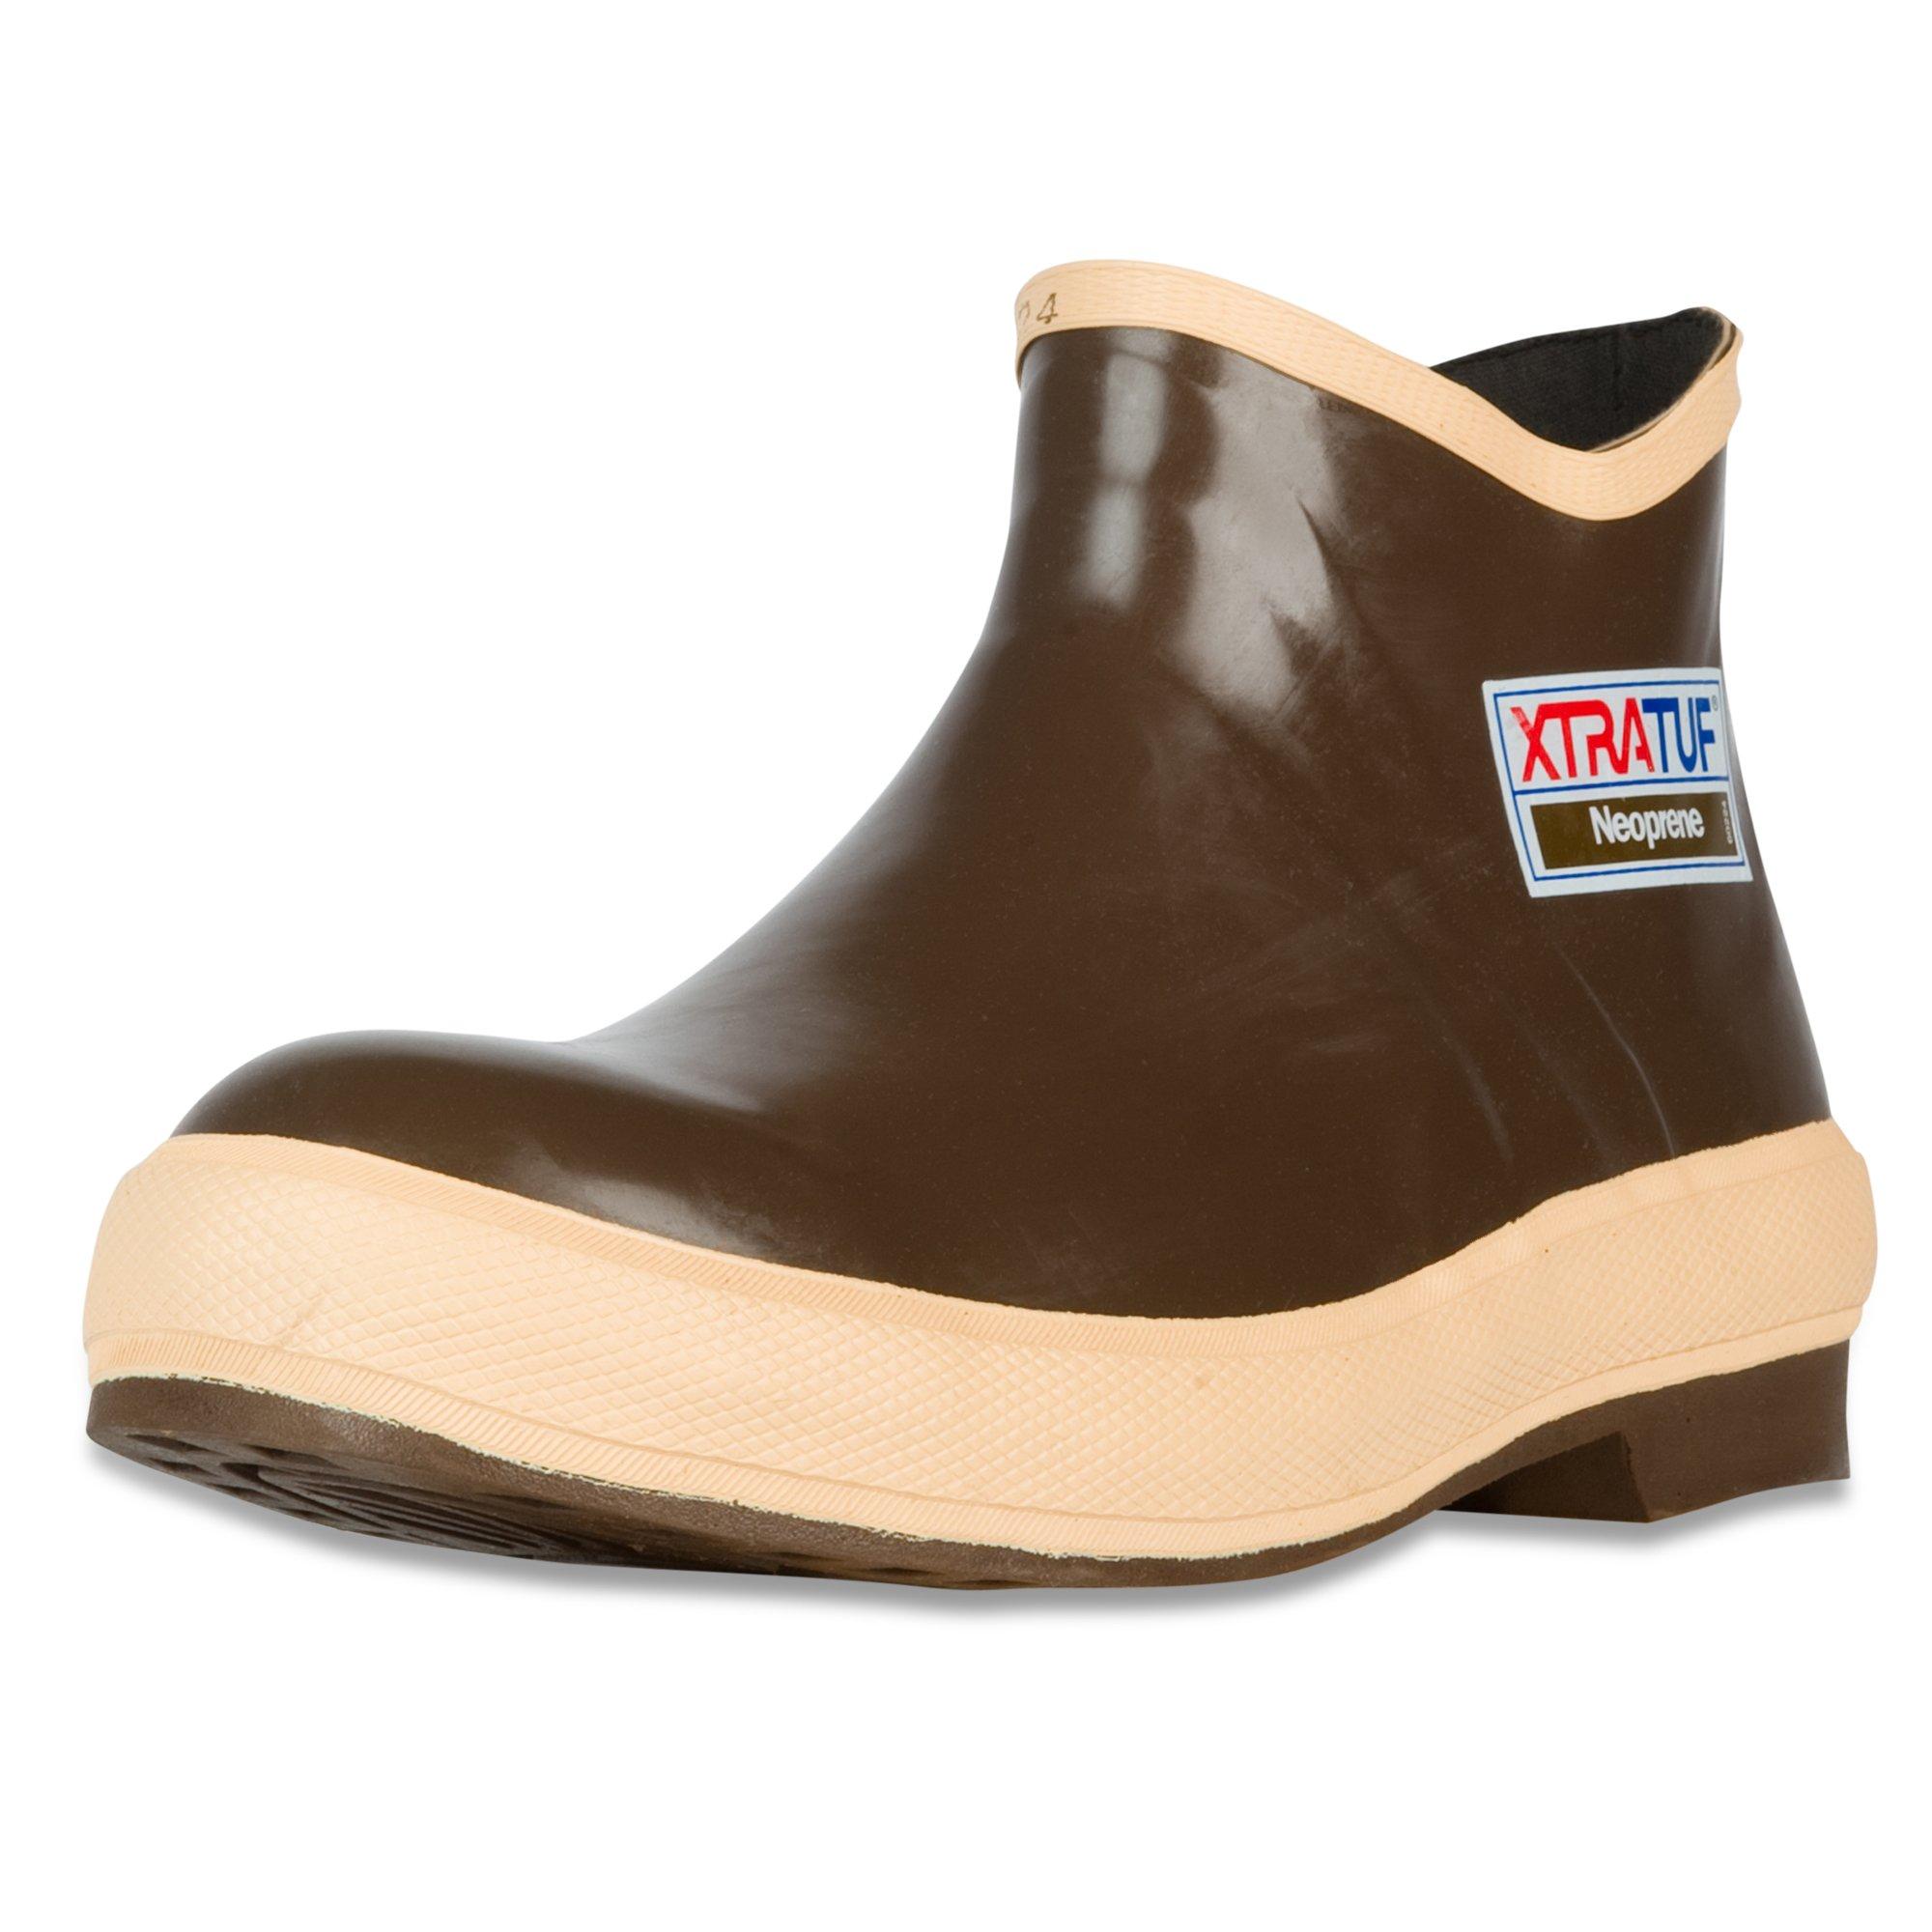 XTRATUF Legacy Series 6'' Neoprene Low Cut Men's Fishing Shoes, Copper (22170G) by Xtratuf